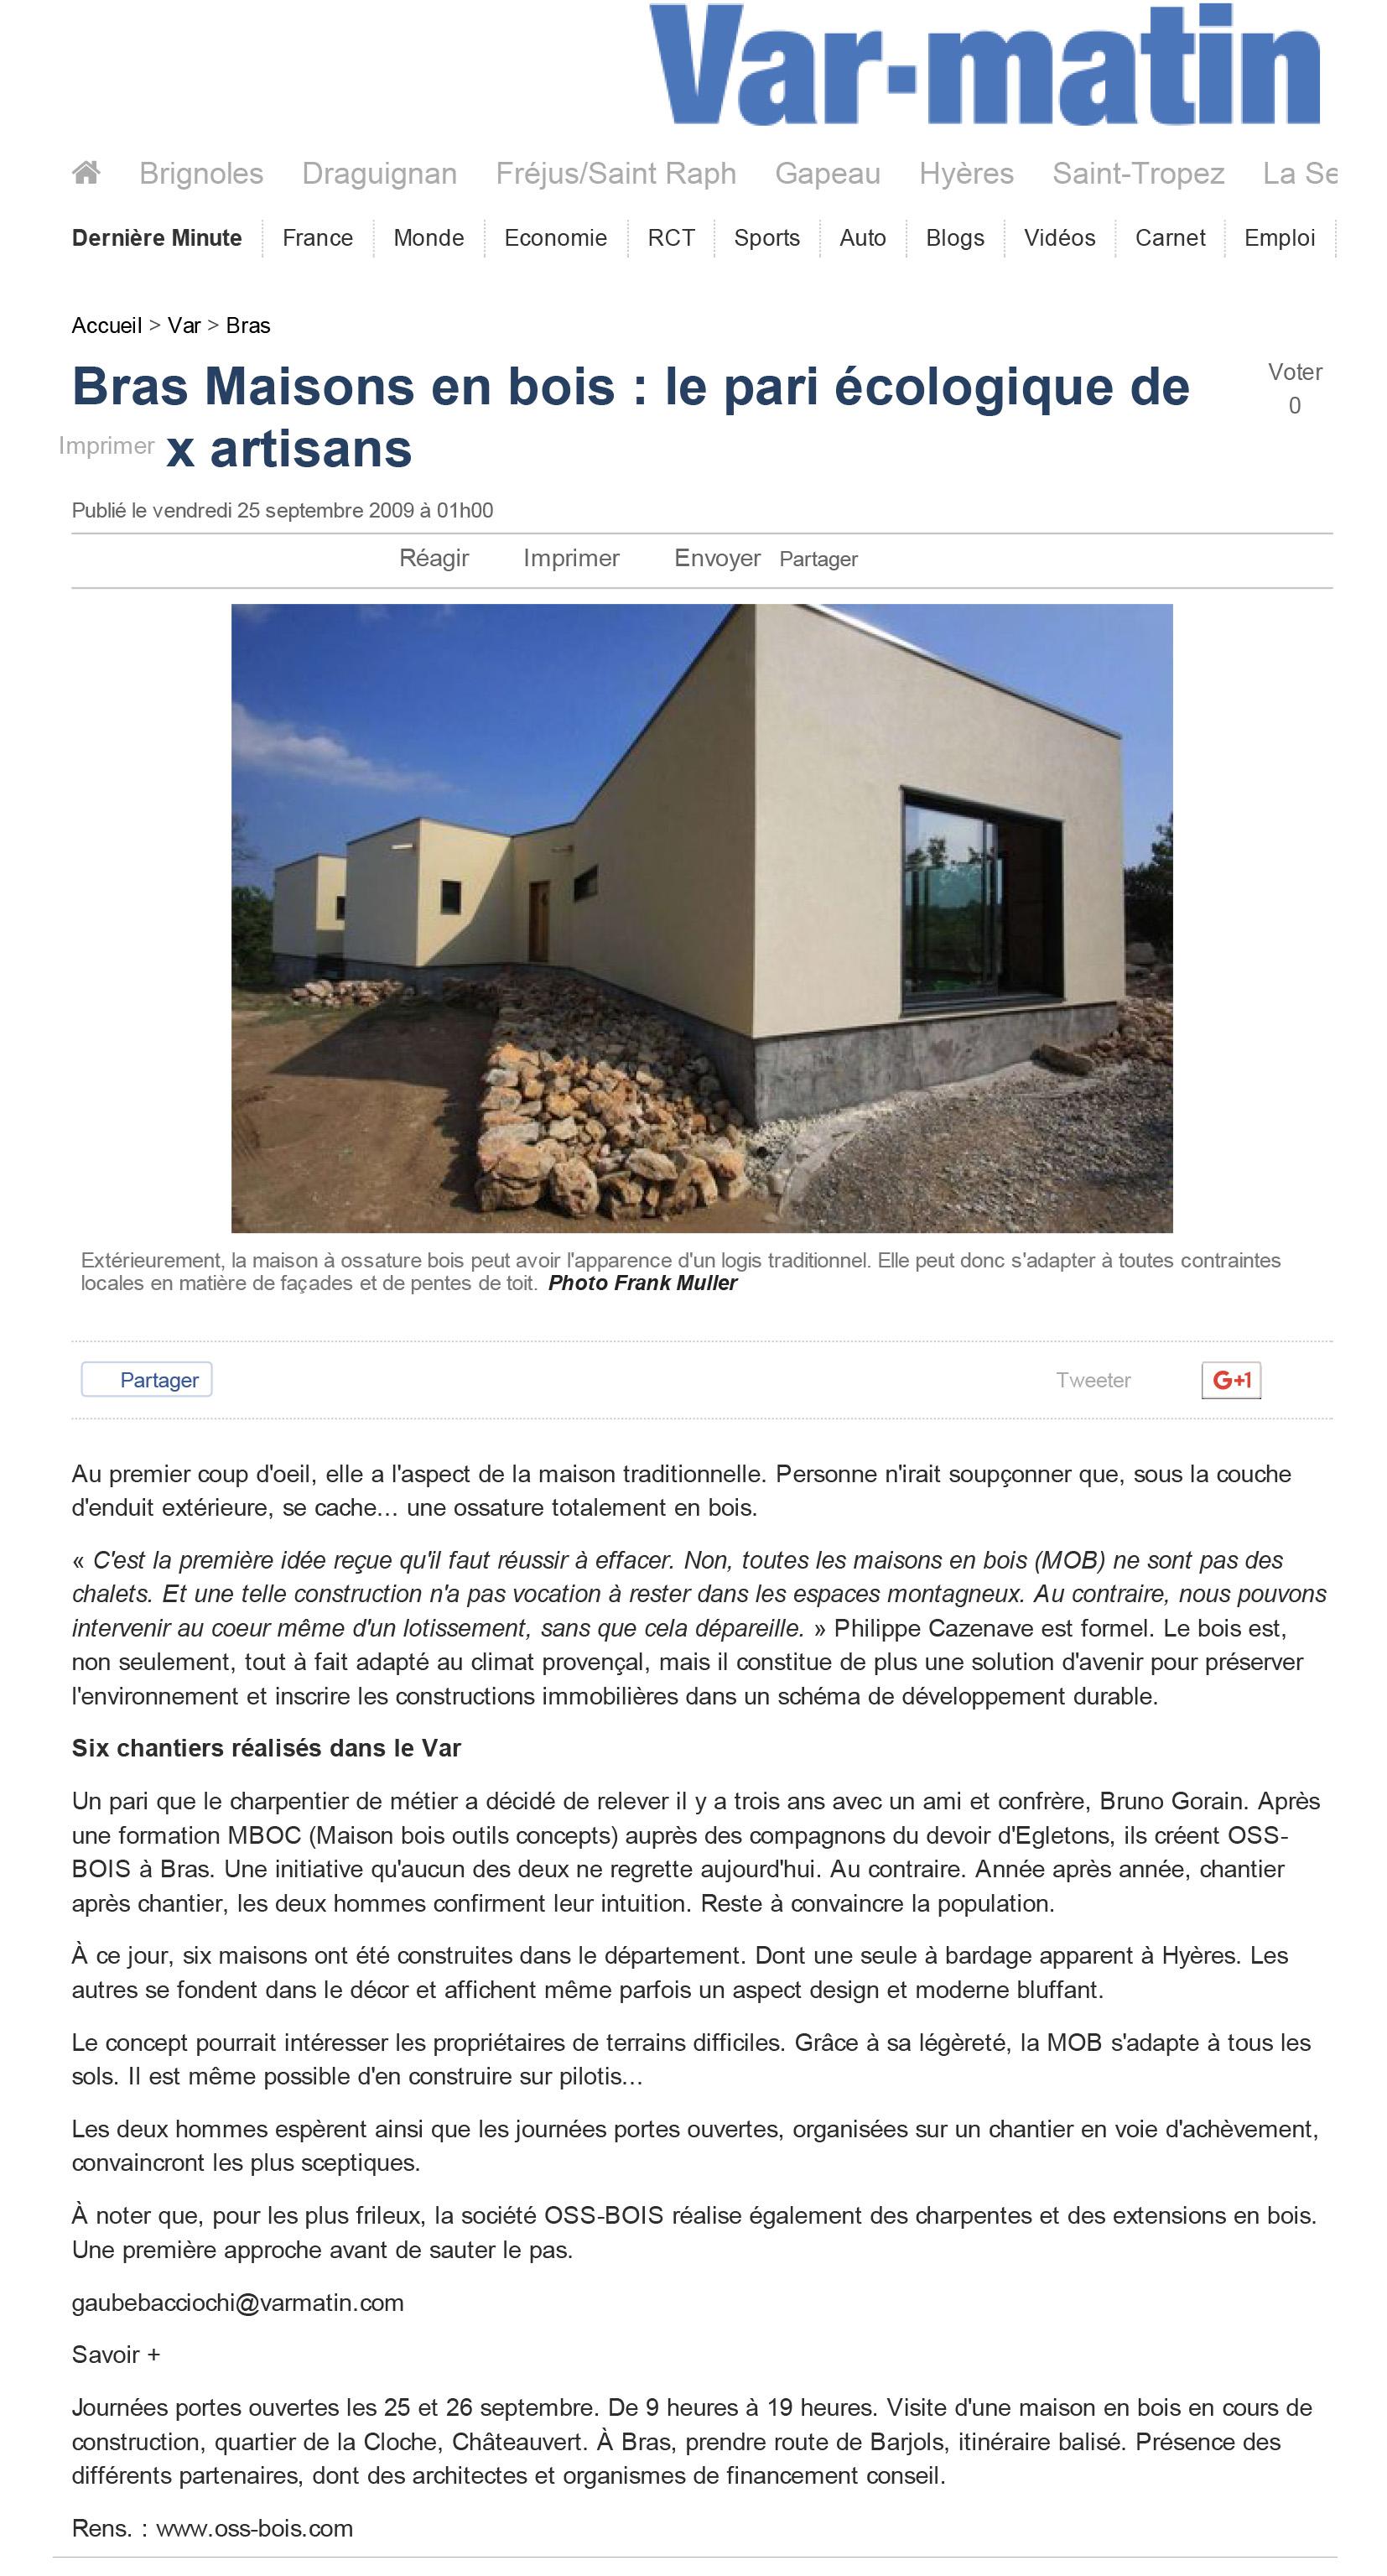 Bras Maisons en bois _ le pari écologique de deux artisans _ Bras _ Var-Matin 3